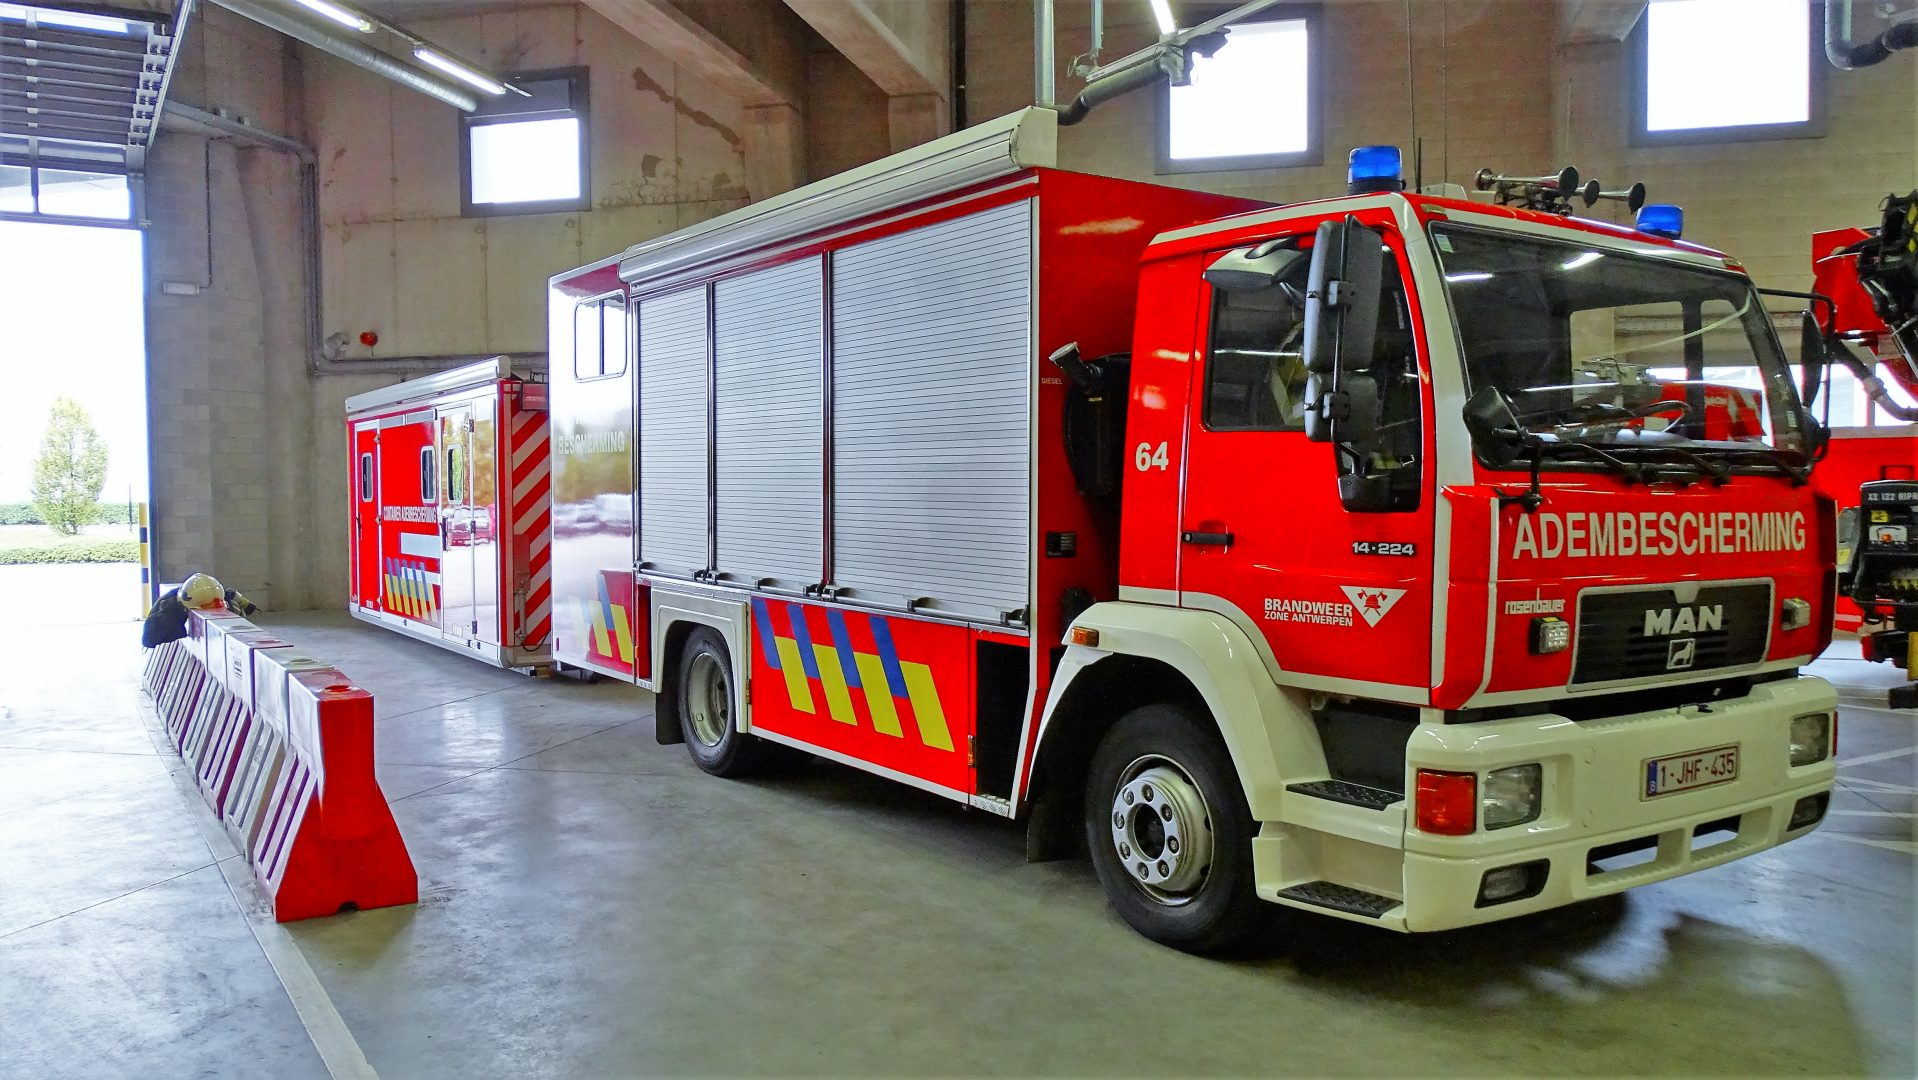 Adembeschermingswagen Antwerpen